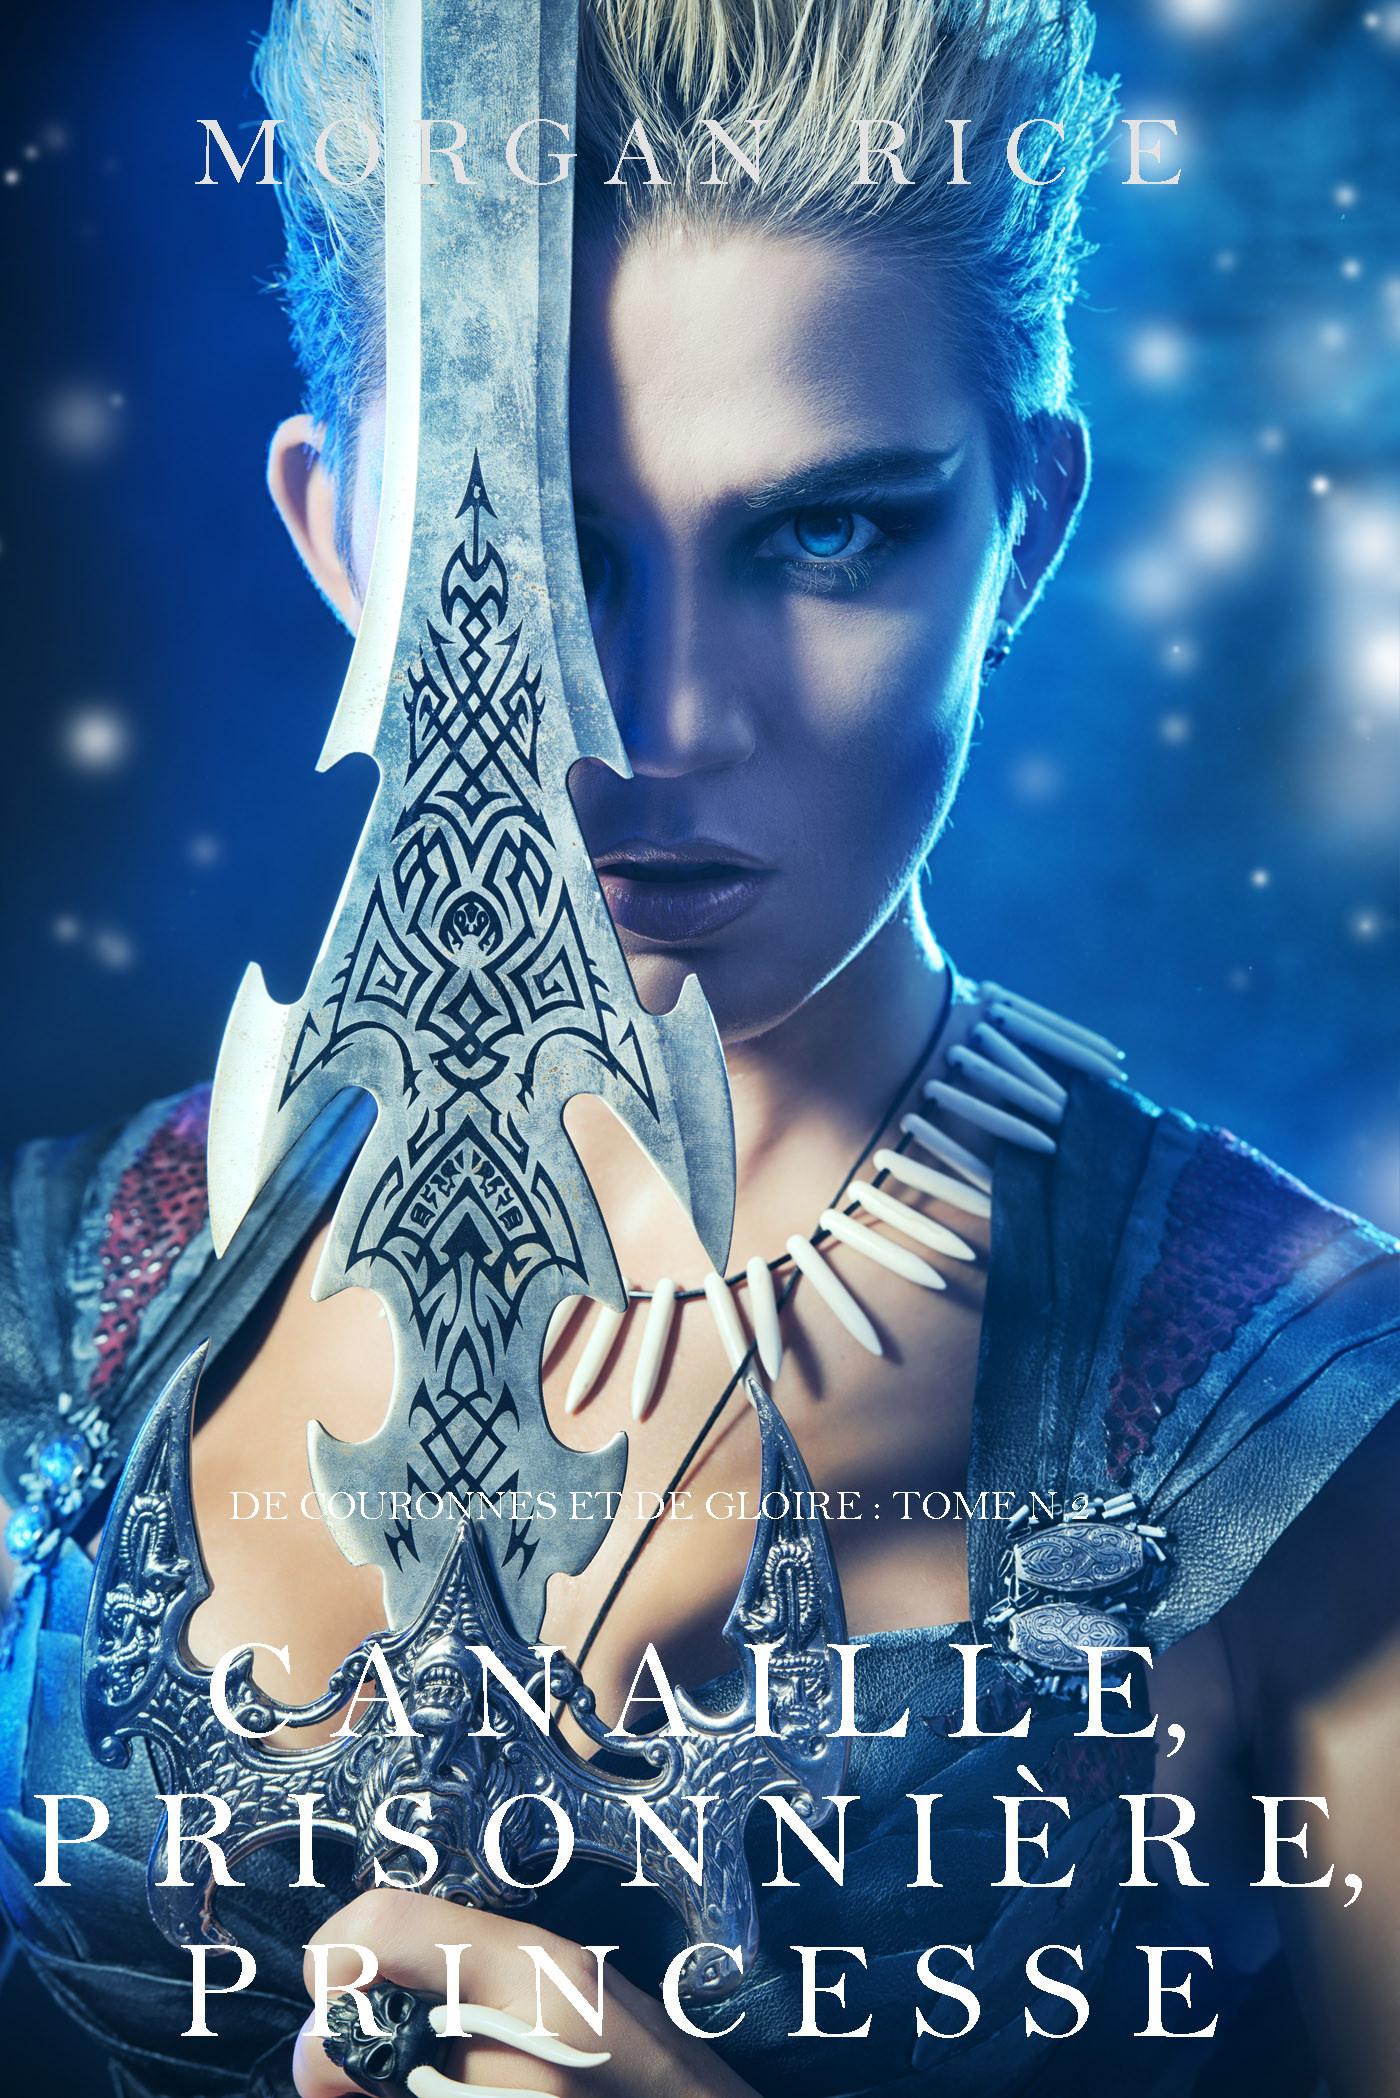 Canaille, Prisonnière, Princesse